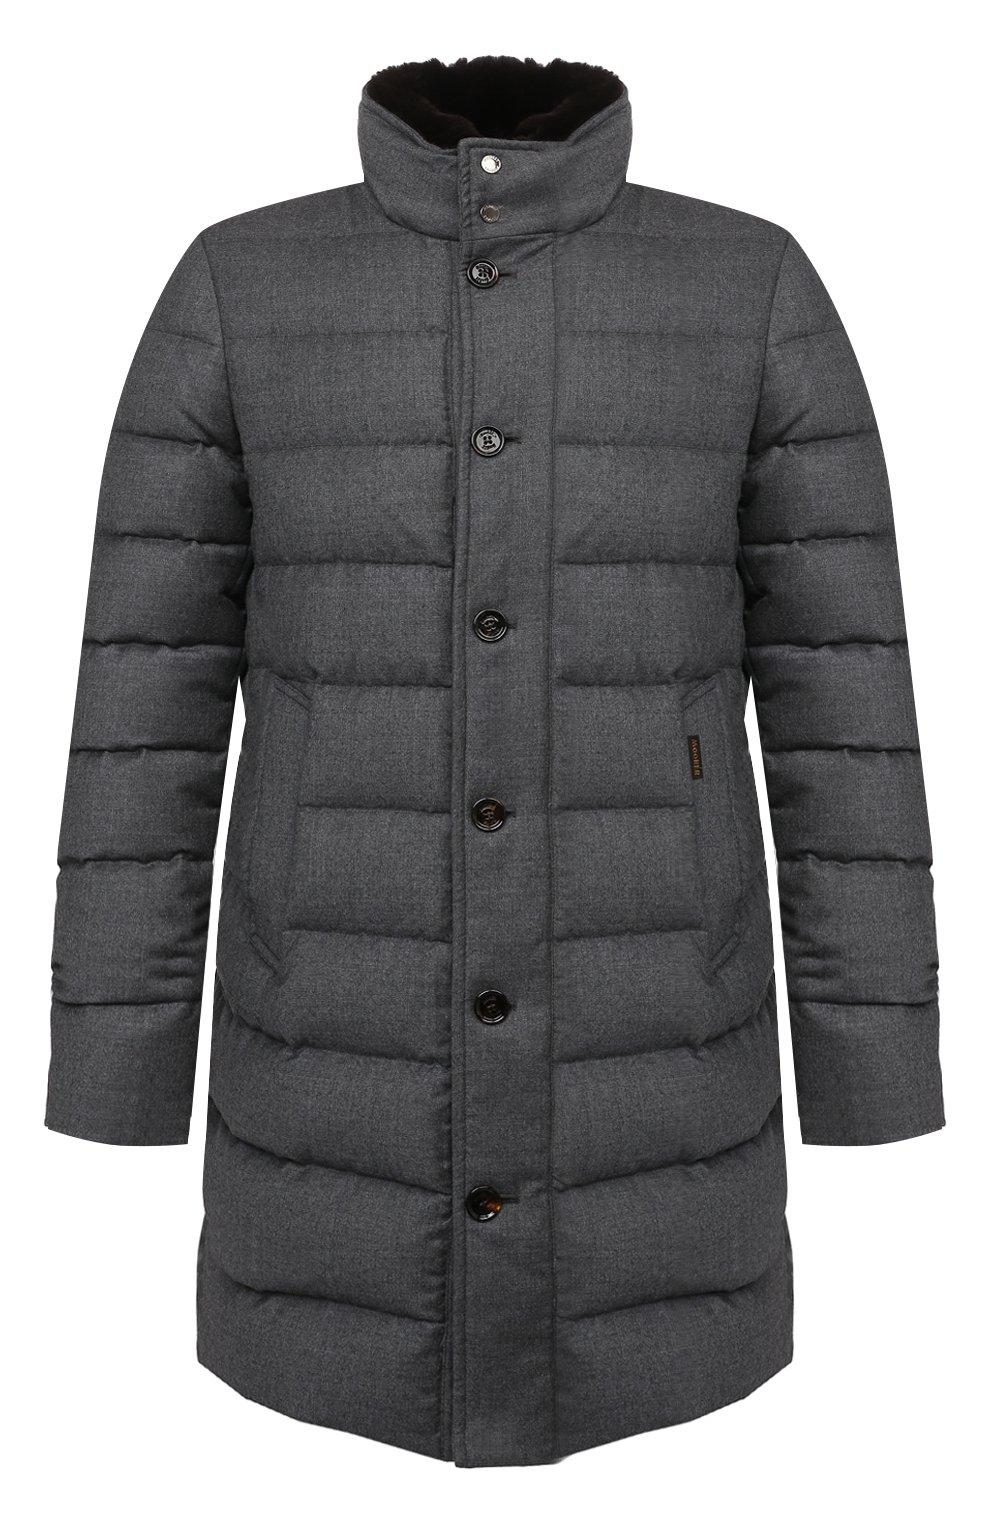 Мужская пуховик из шерсти и кашемира alfieri-fur-l MOORER серого цвета, арт. ALFIERI-FUR-L/M0UGI100104-TEPA217 | Фото 1 (Кросс-КТ: Куртка; Мужское Кросс-КТ: пуховик-короткий; Материал внешний: Шерсть; Рукава: Длинные; Длина (верхняя одежда): До середины бедра; Материал утеплителя: Пух и перо; Стили: Кэжуэл)